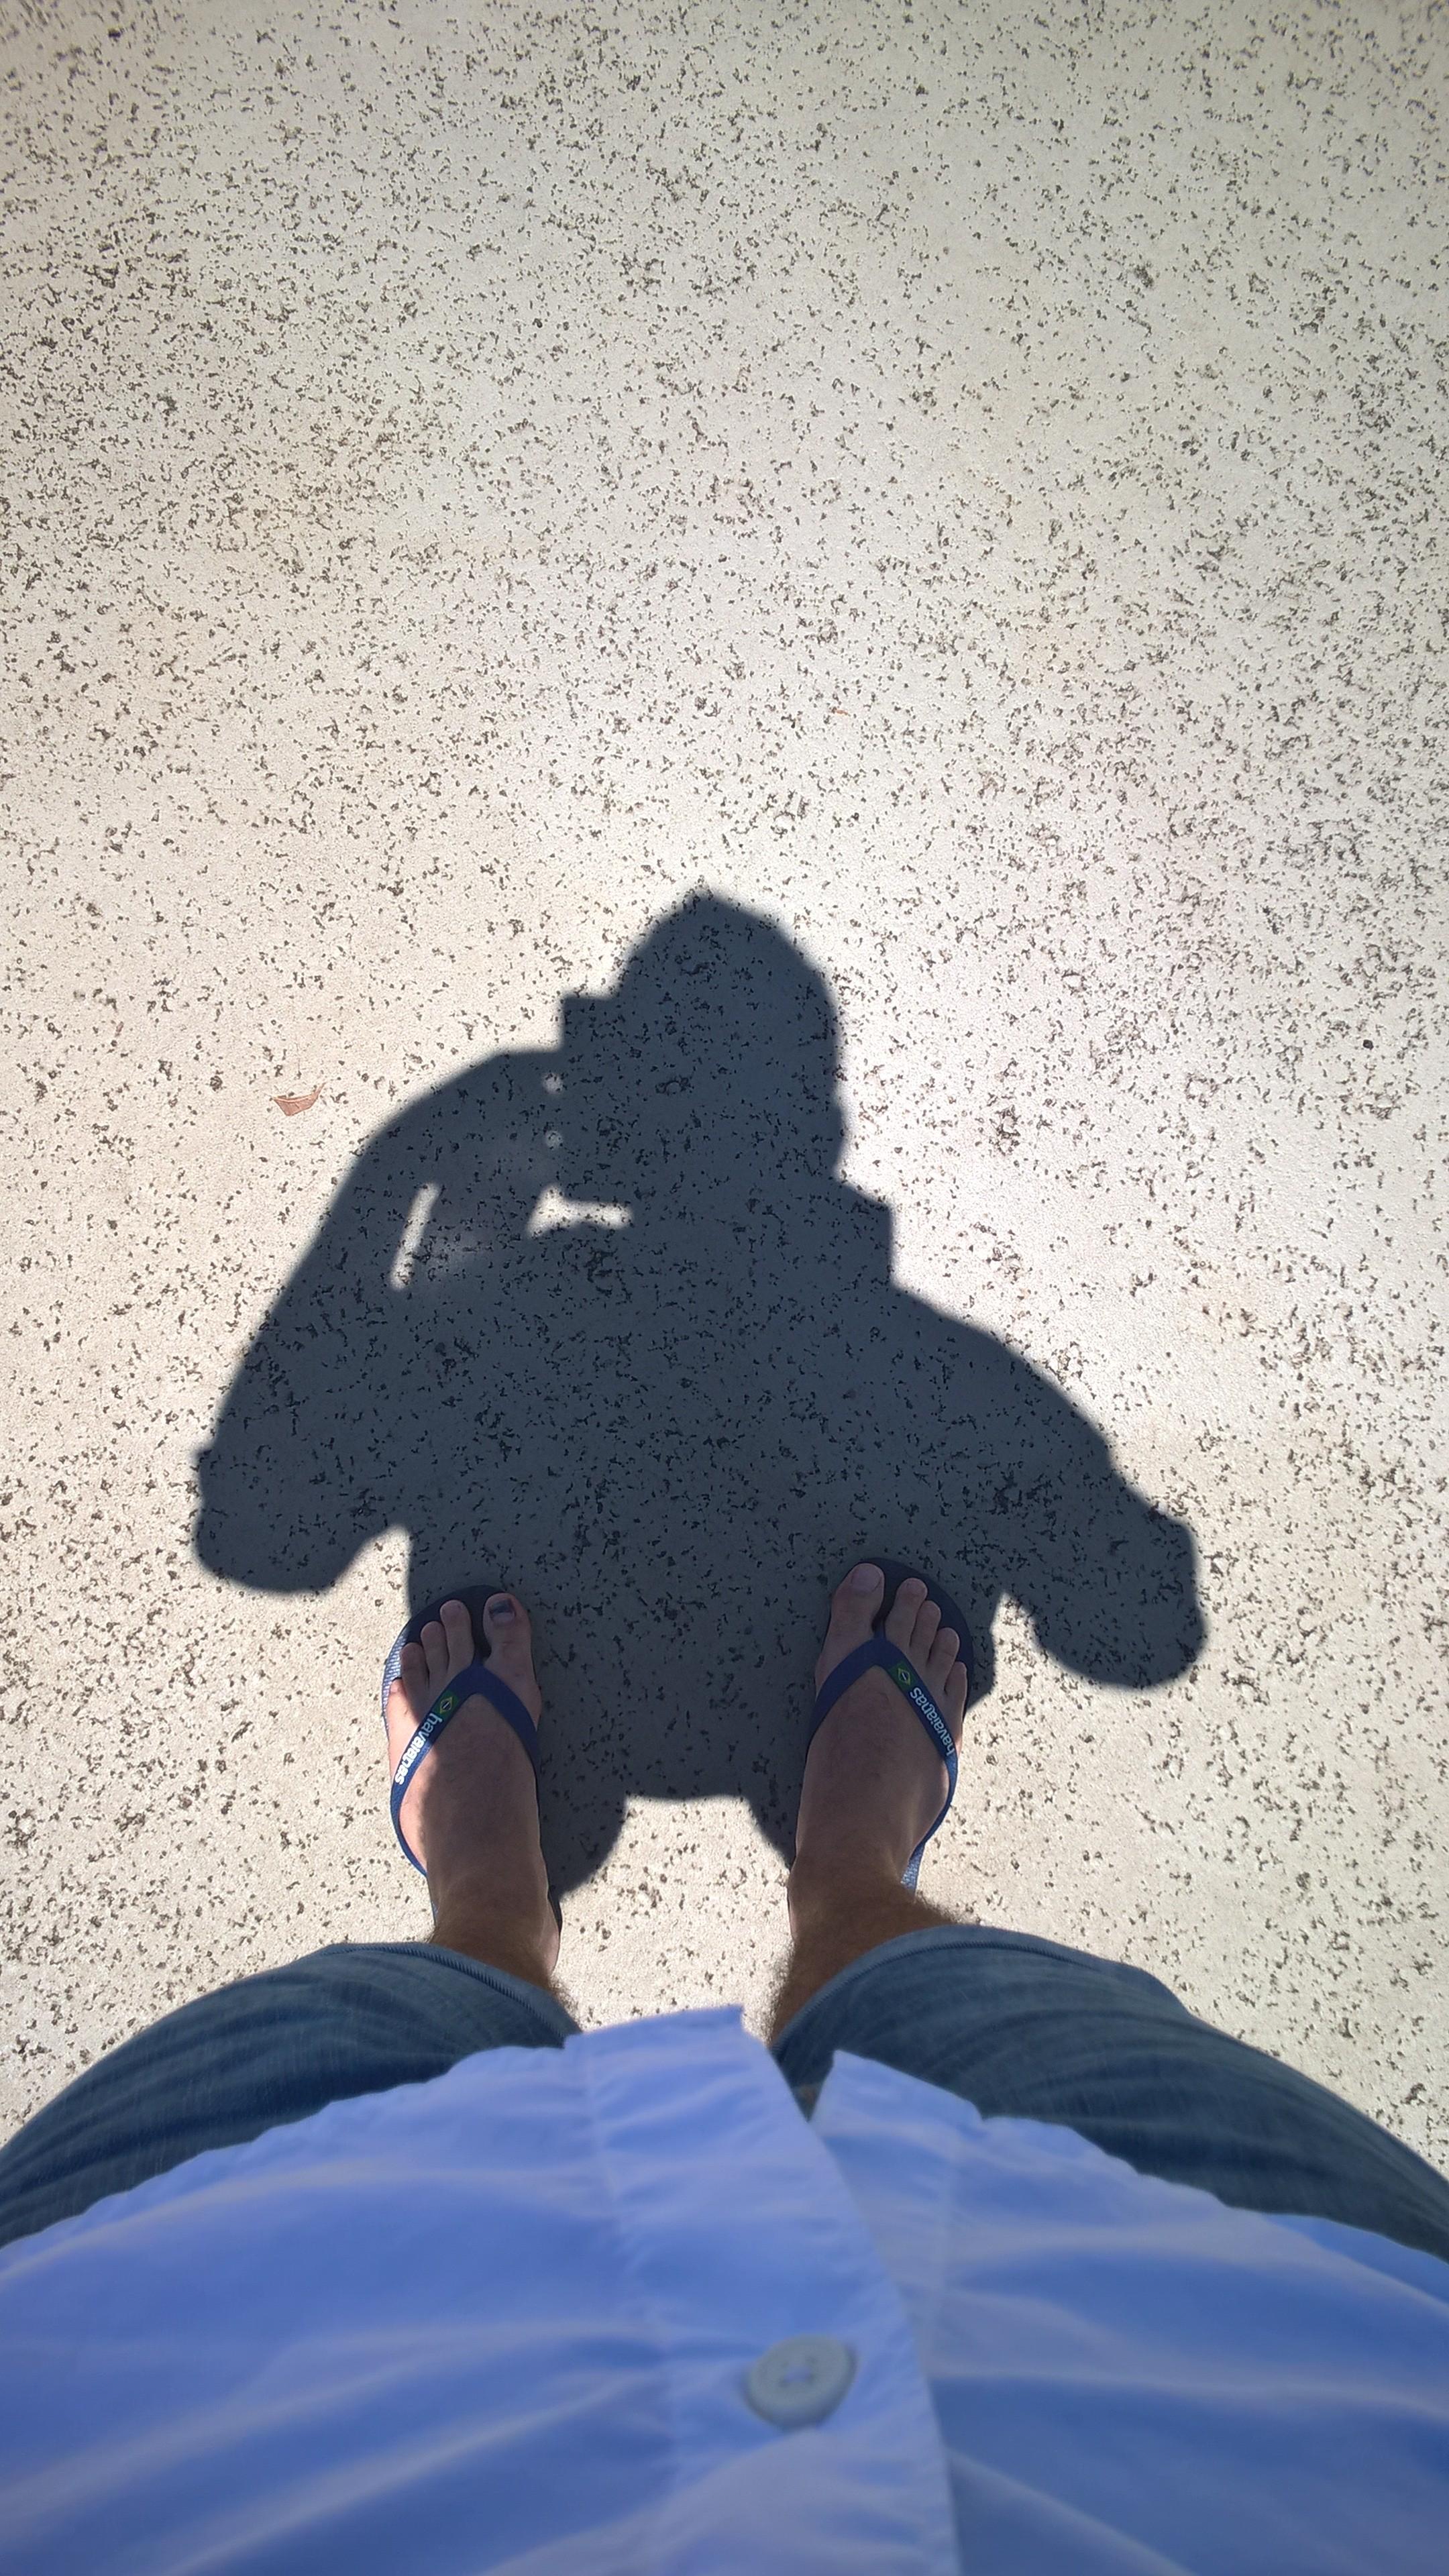 Hawaii liegt so weit im Süden, dass die Sonne nur einen kleinen Schatten wirft